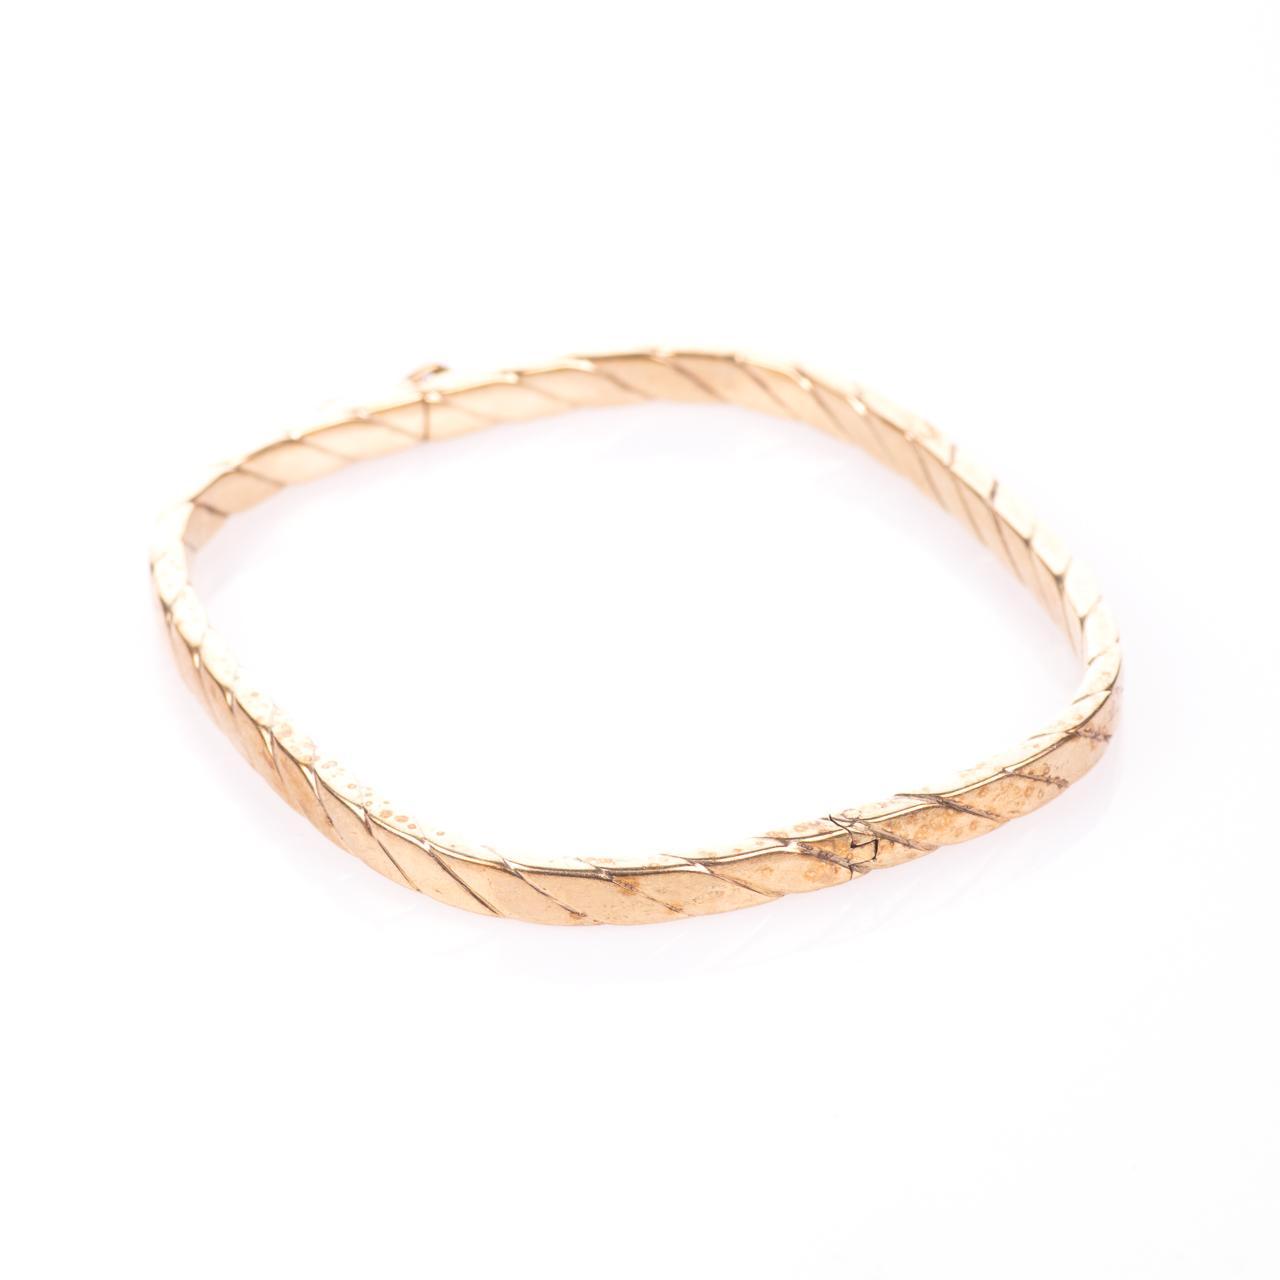 9ct Gold Bangle Bracelet - Image 5 of 6